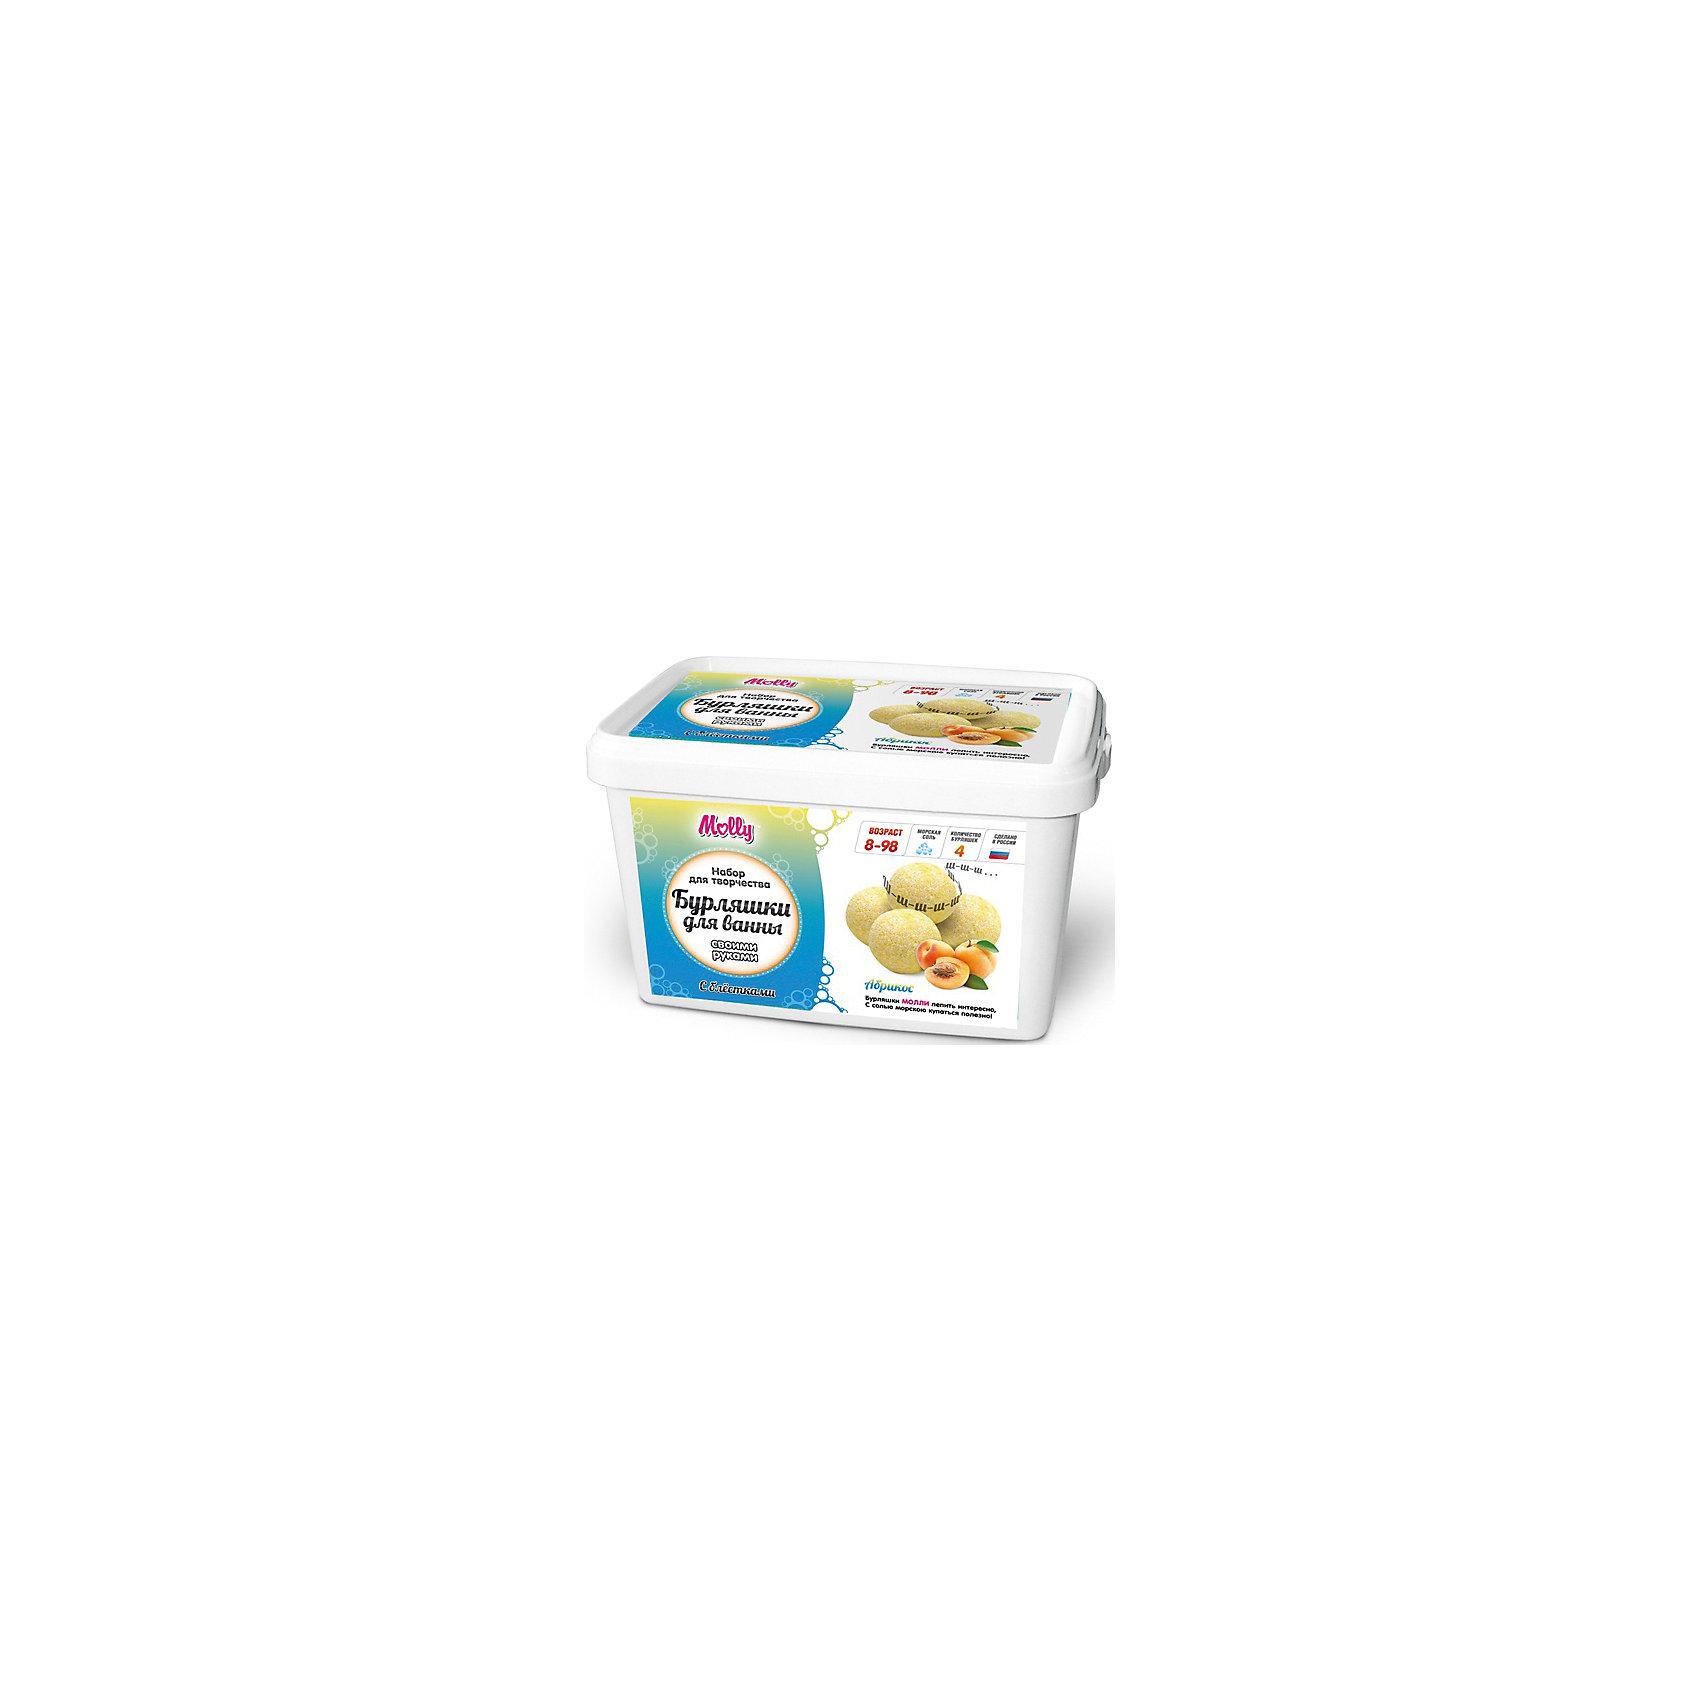 Бурляшки для ванны своими руками  АбрикосКосметика, грим и парфюмерия<br>Оригинальные бурляшки (бомбочки для ванн), которые можно создать своими руками. В состав набора входит: сода, лимонная кислота, морская соль, 1 краситель, 1 ароматизатор,  форма для бурляшек,  одноразовые перчатки и подробная инструкция.<br><br>Ширина мм: 20<br>Глубина мм: 13<br>Высота мм: 11<br>Вес г: 500<br>Возраст от месяцев: 96<br>Возраст до месяцев: 144<br>Пол: Унисекс<br>Возраст: Детский<br>SKU: 5115199